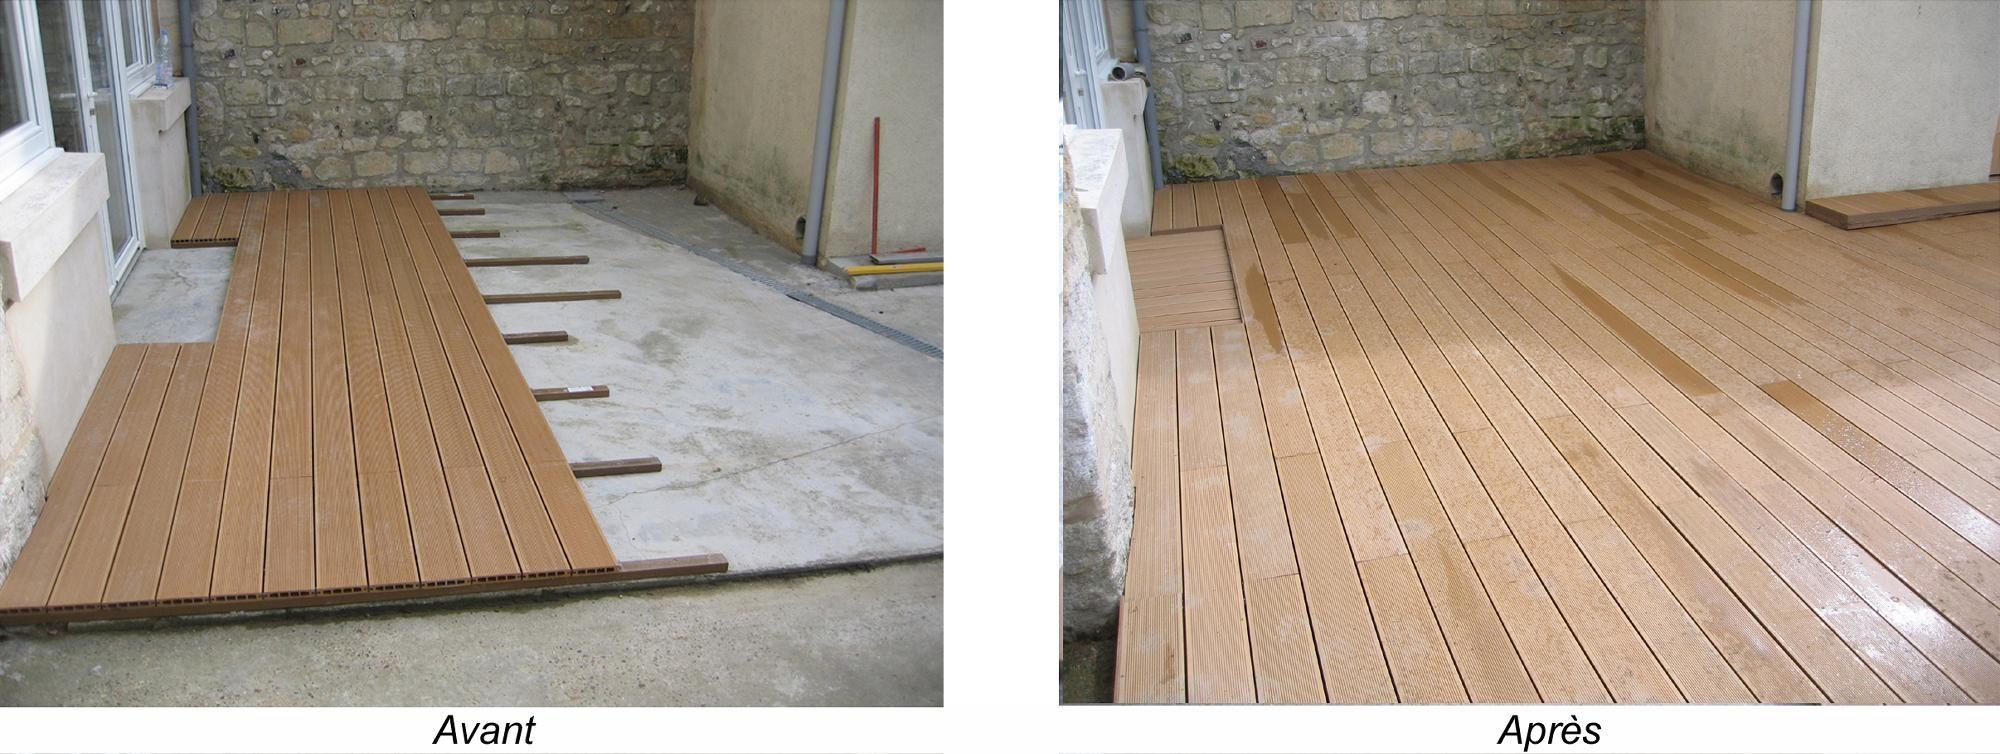 Amenager Une Terrasse En Bois Renovation Et Decoration Actualite Conseil Pour Tout Changer Dalle Terrasse Composite Dalle Terrasse Terrasse Composite